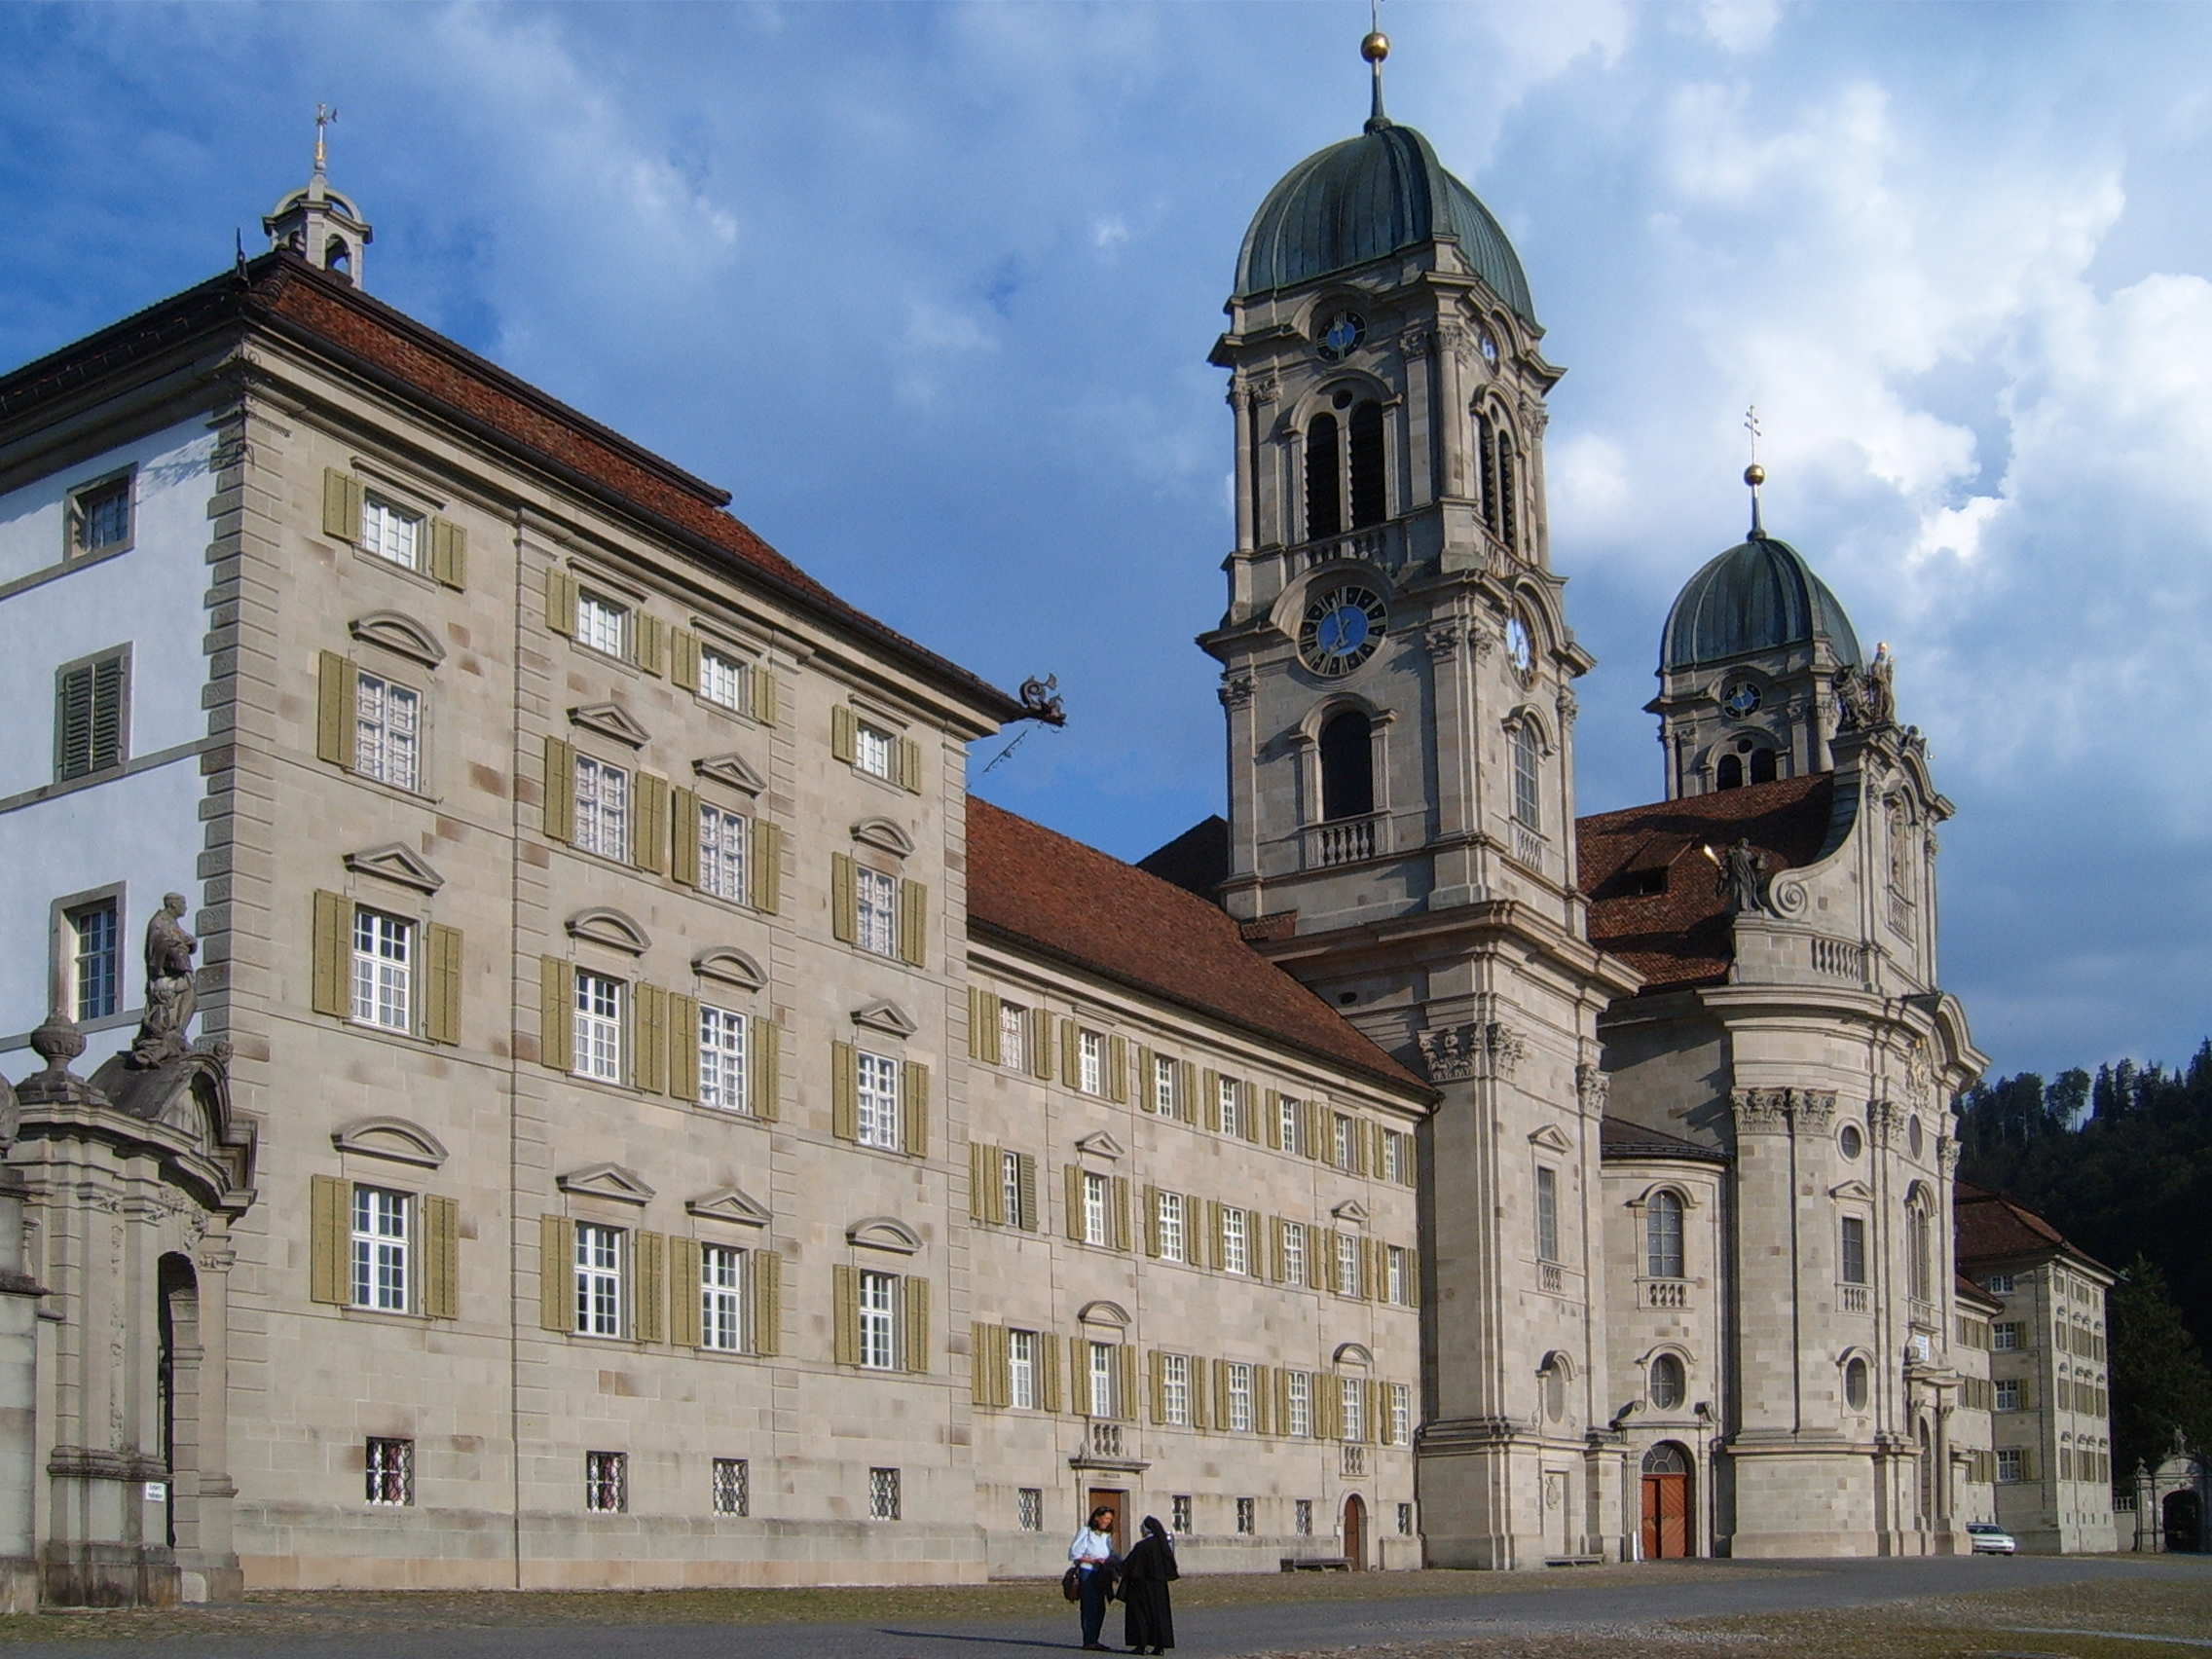 Kloster_Einsiedeln_002